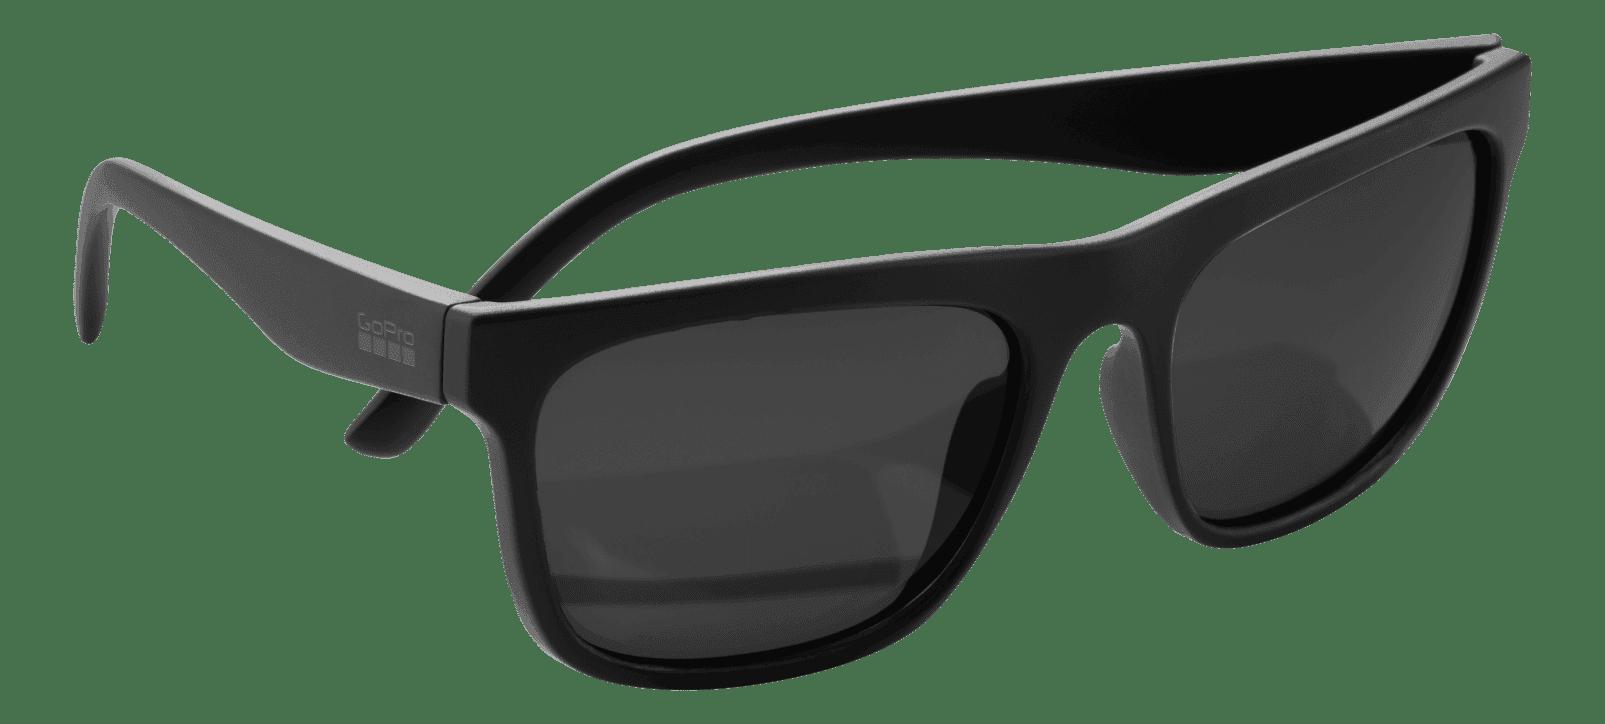 Mezcal-Schwimmende-Polarisierte-Sonnenbrille-Vorderseite-Bild